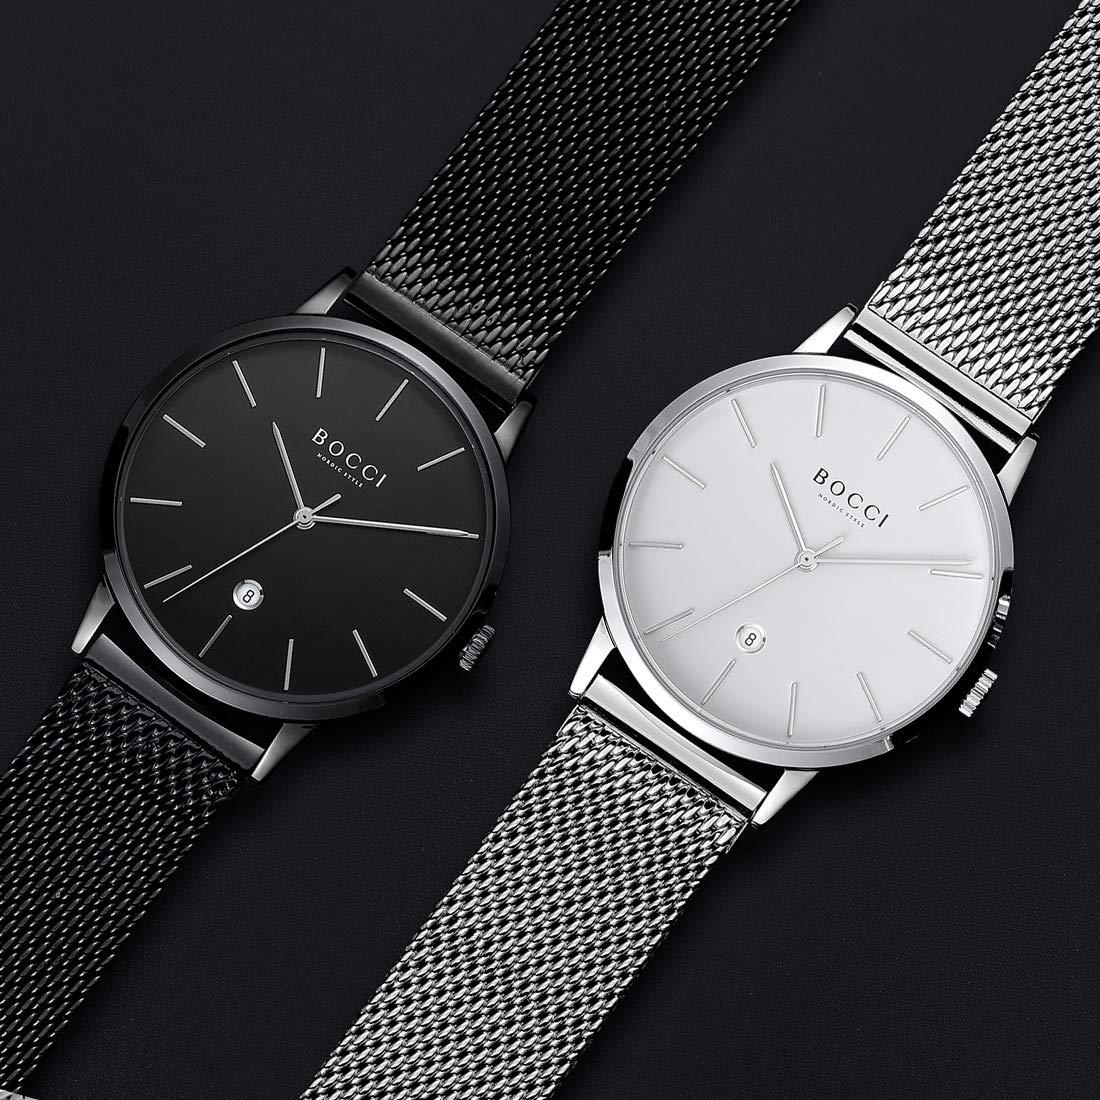 BOCCI herr kvartsur mode vardagliga armbandsur ultratunna klockor för män vattentät med datum och Milanse nätband rostfritt stål … Silver-white(ms)